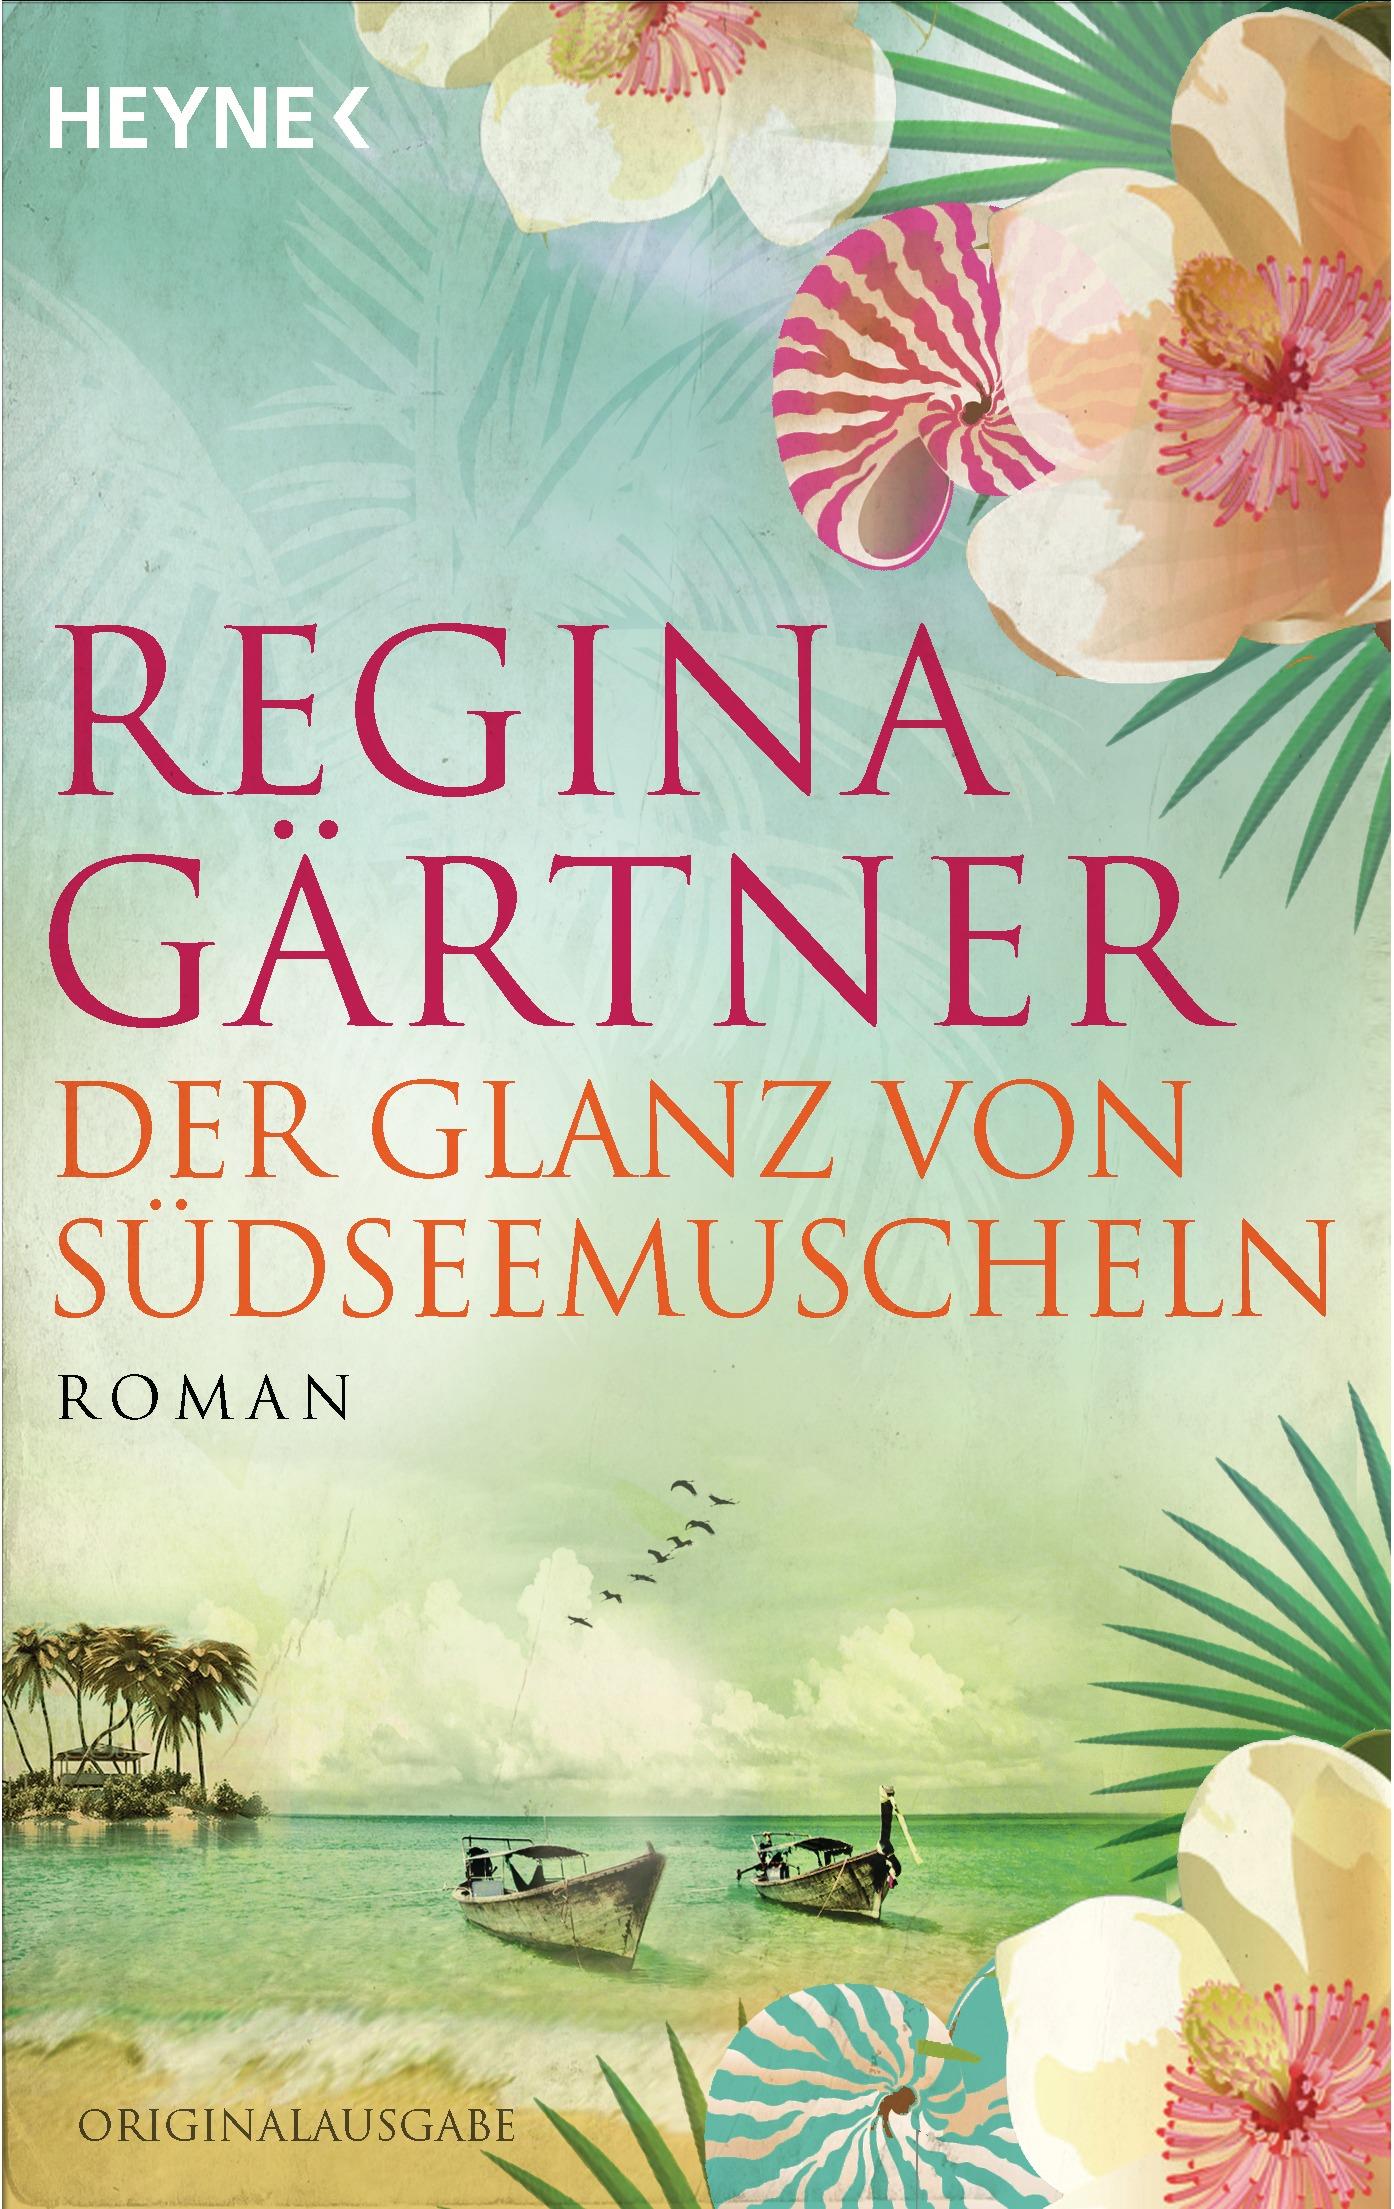 Der Glanz von Südseemuscheln - Regina Gärtner